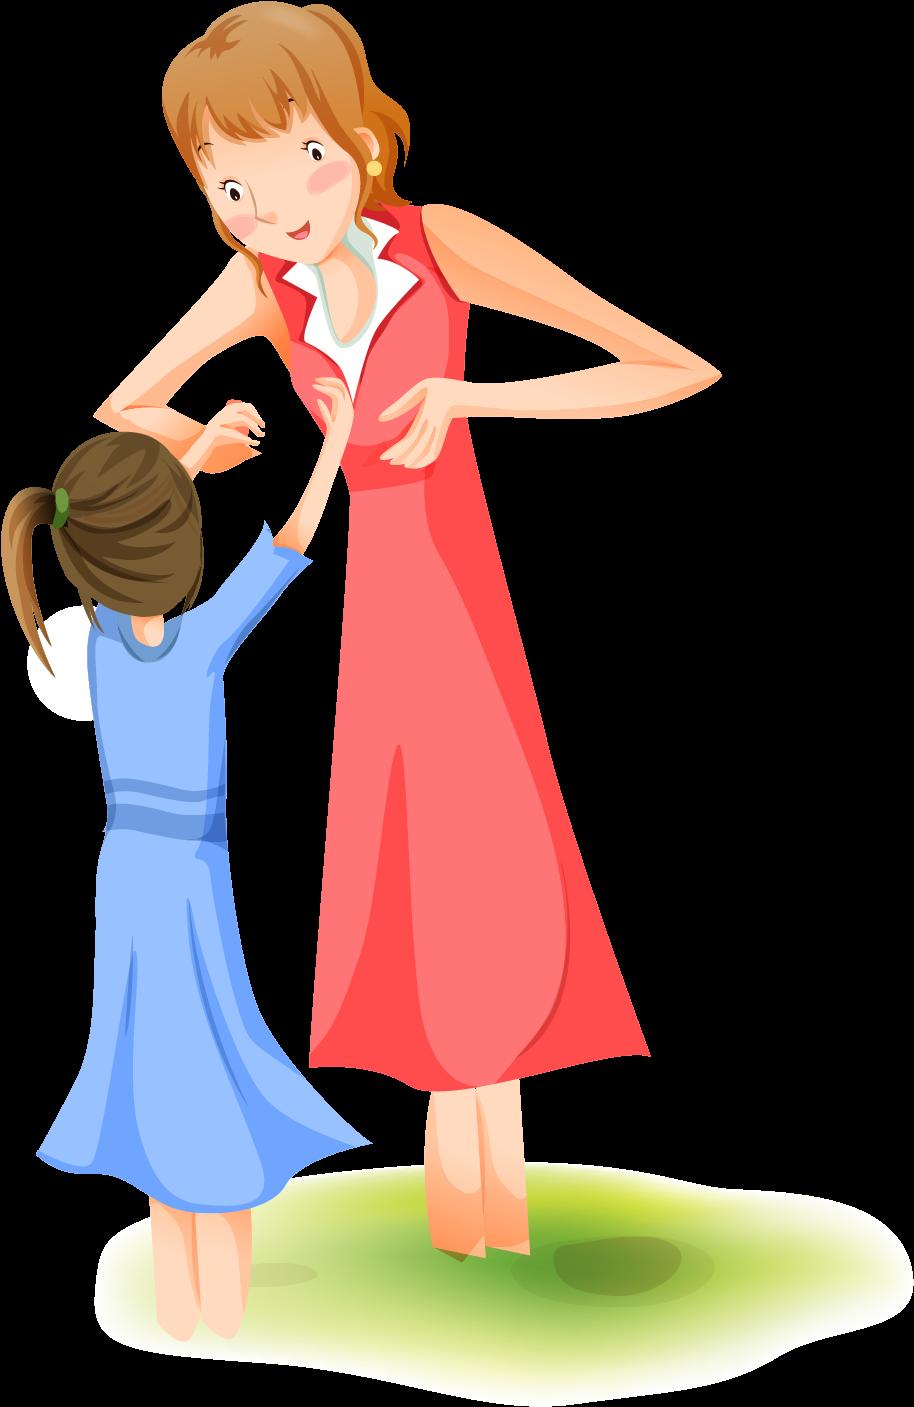 Мама с малышом картинки на прозрачном фоне